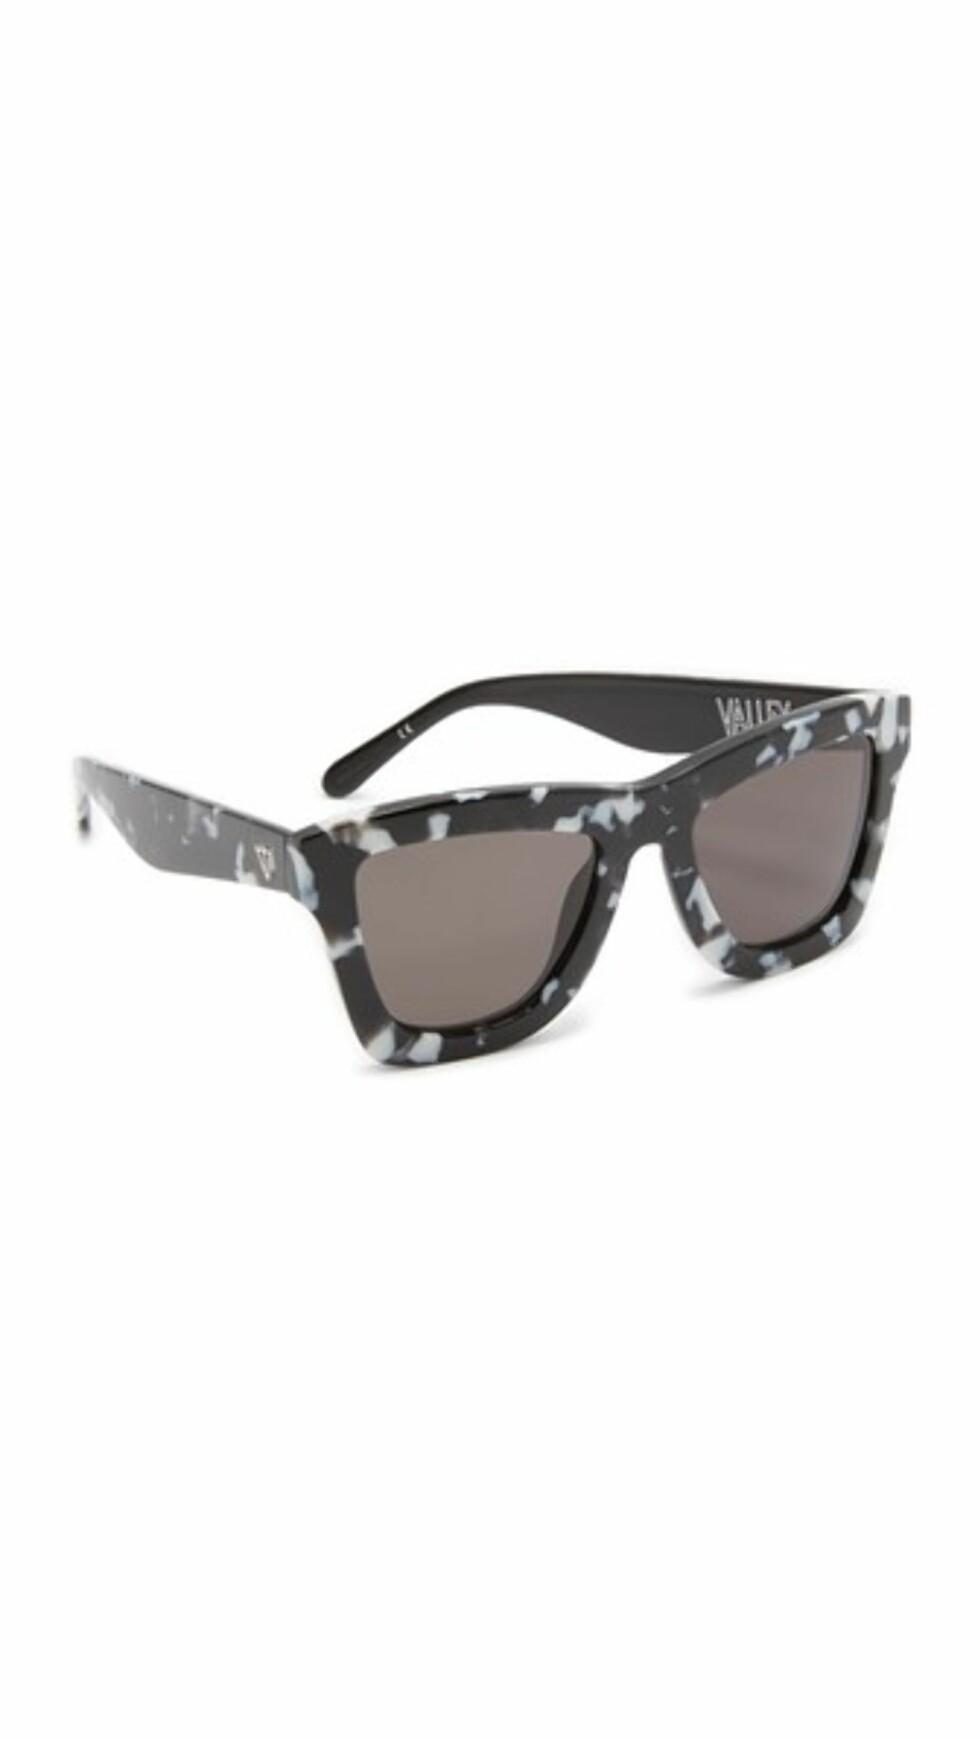 Solbriller fra Valley Eyewear via Shopbop.com   kr 1673   https://www.shopbop.com/sunglasses-valley-eyewear/vp/v=1/1563954889.htm?folderID=13558&fm=other-viewall&os=false&colorId=72392